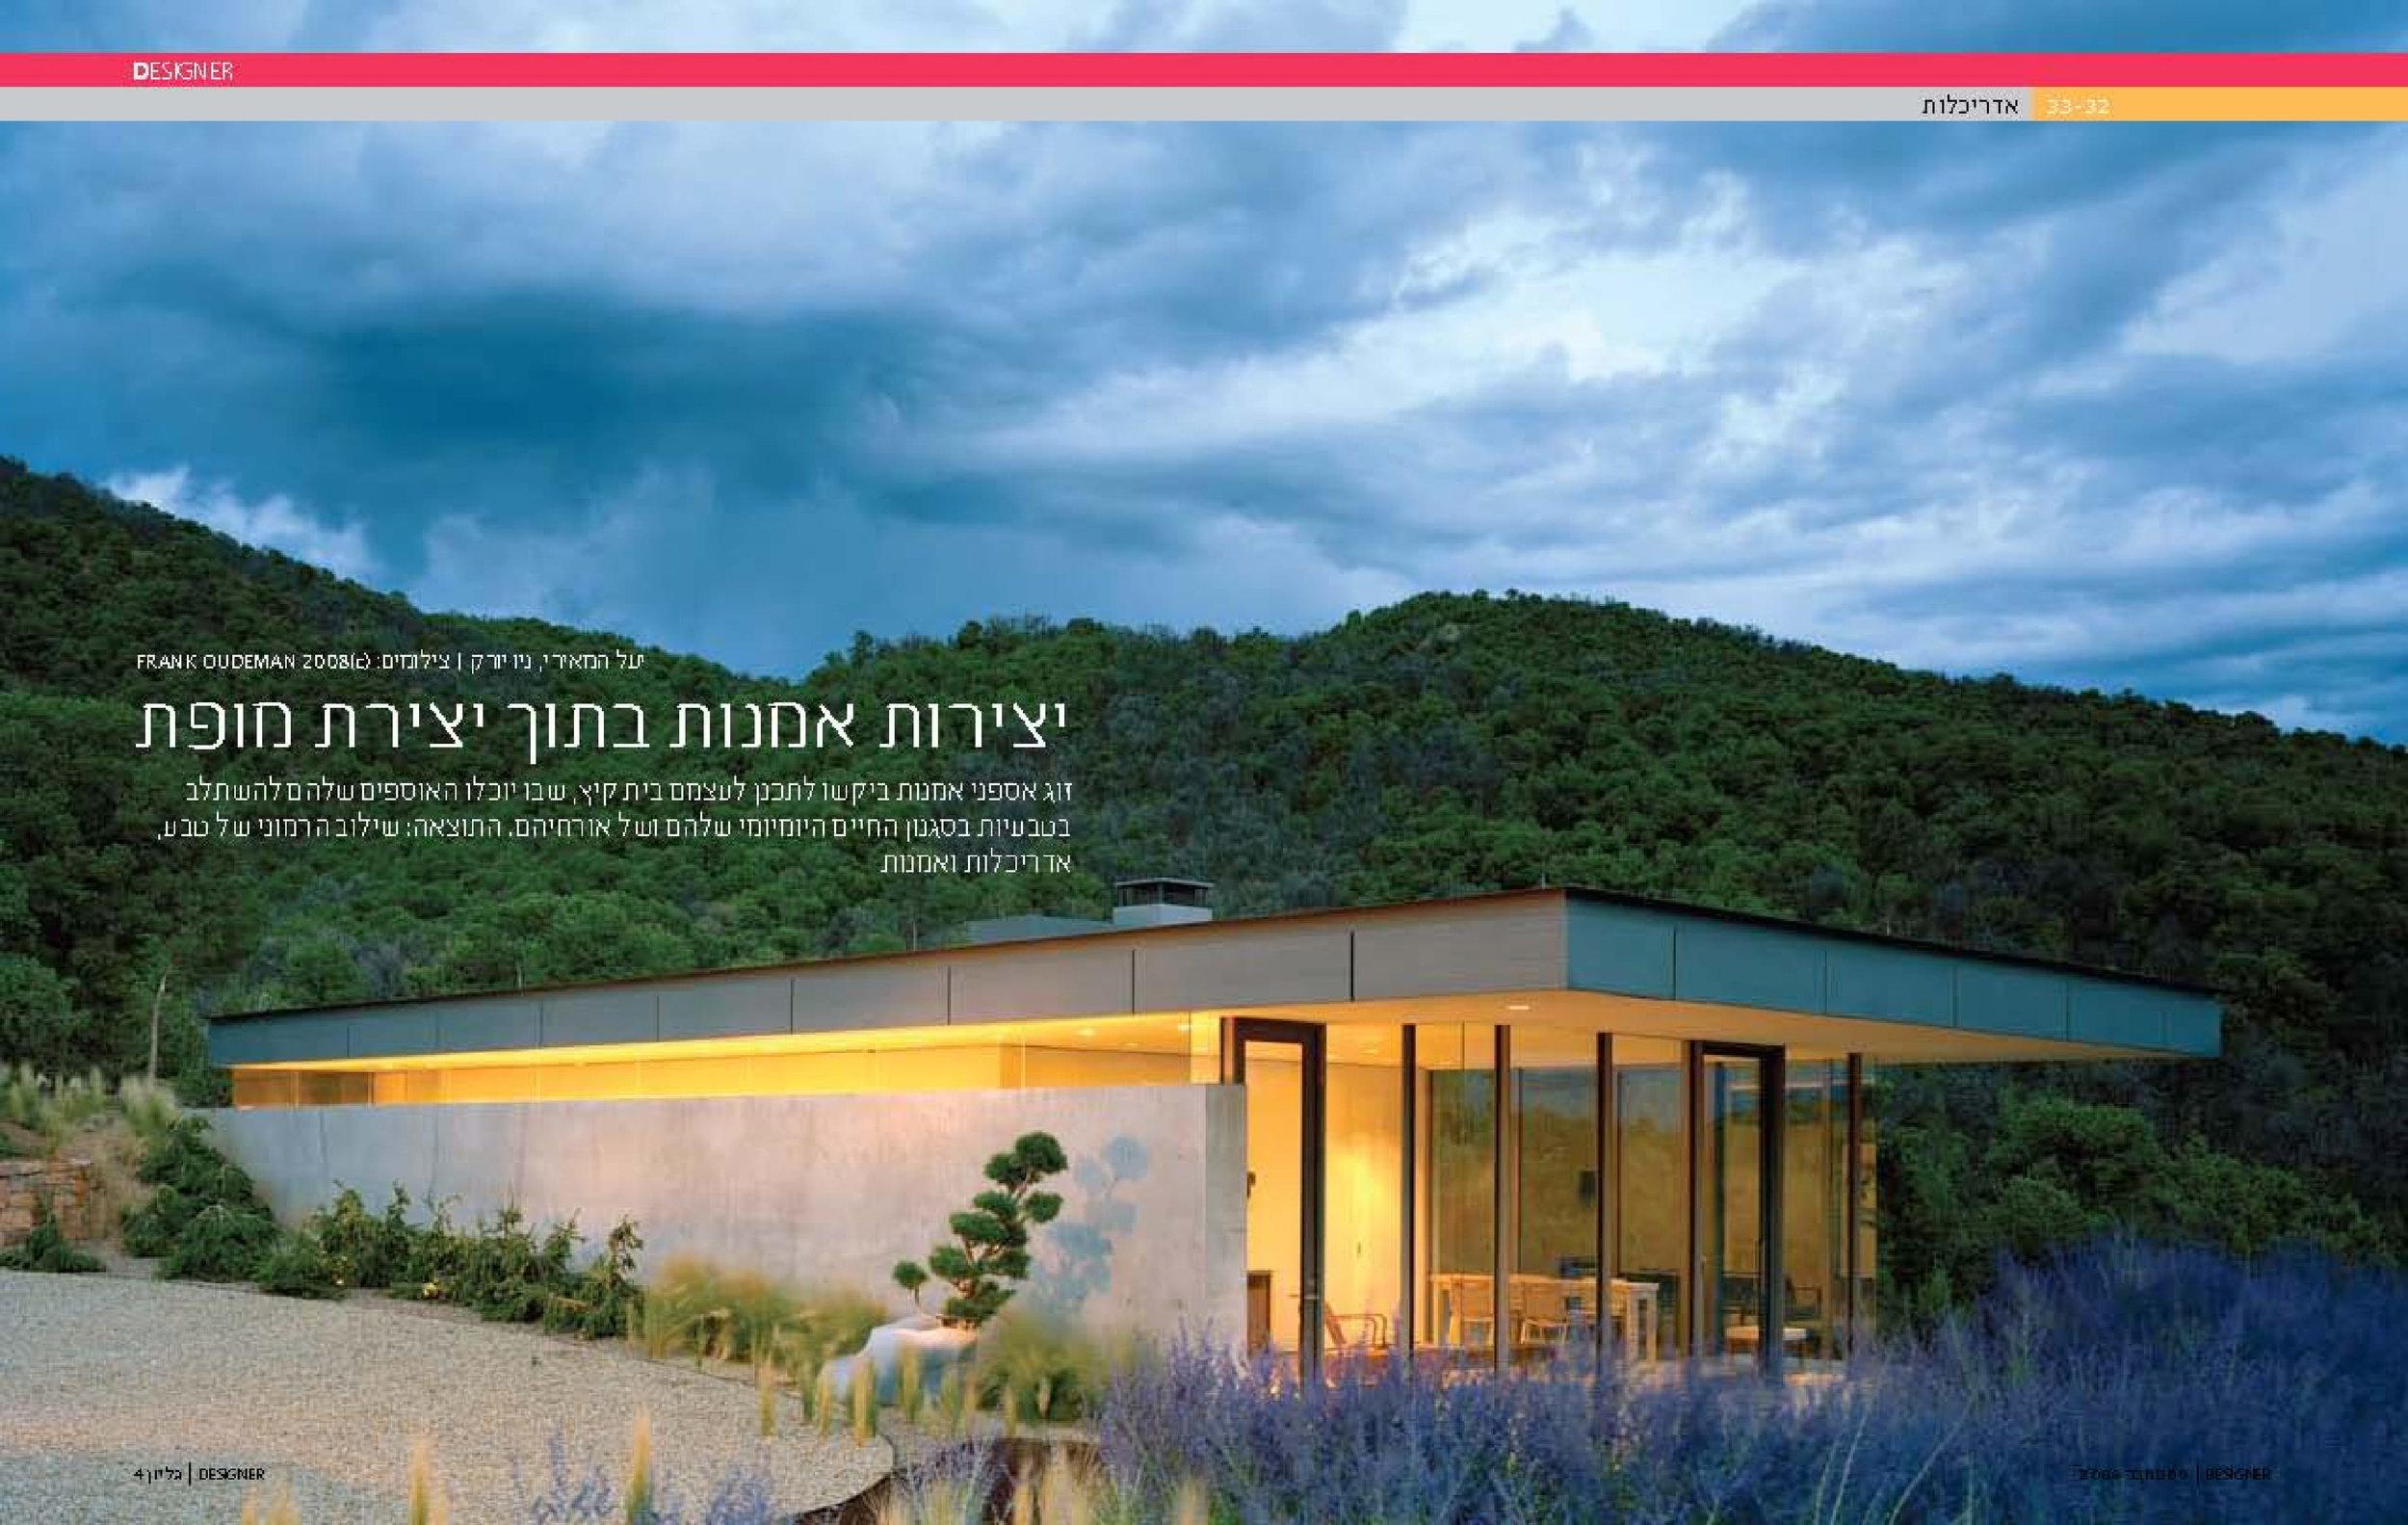 DuBois+Santa+Fe+Designer+of+Haaretz-1.jpg